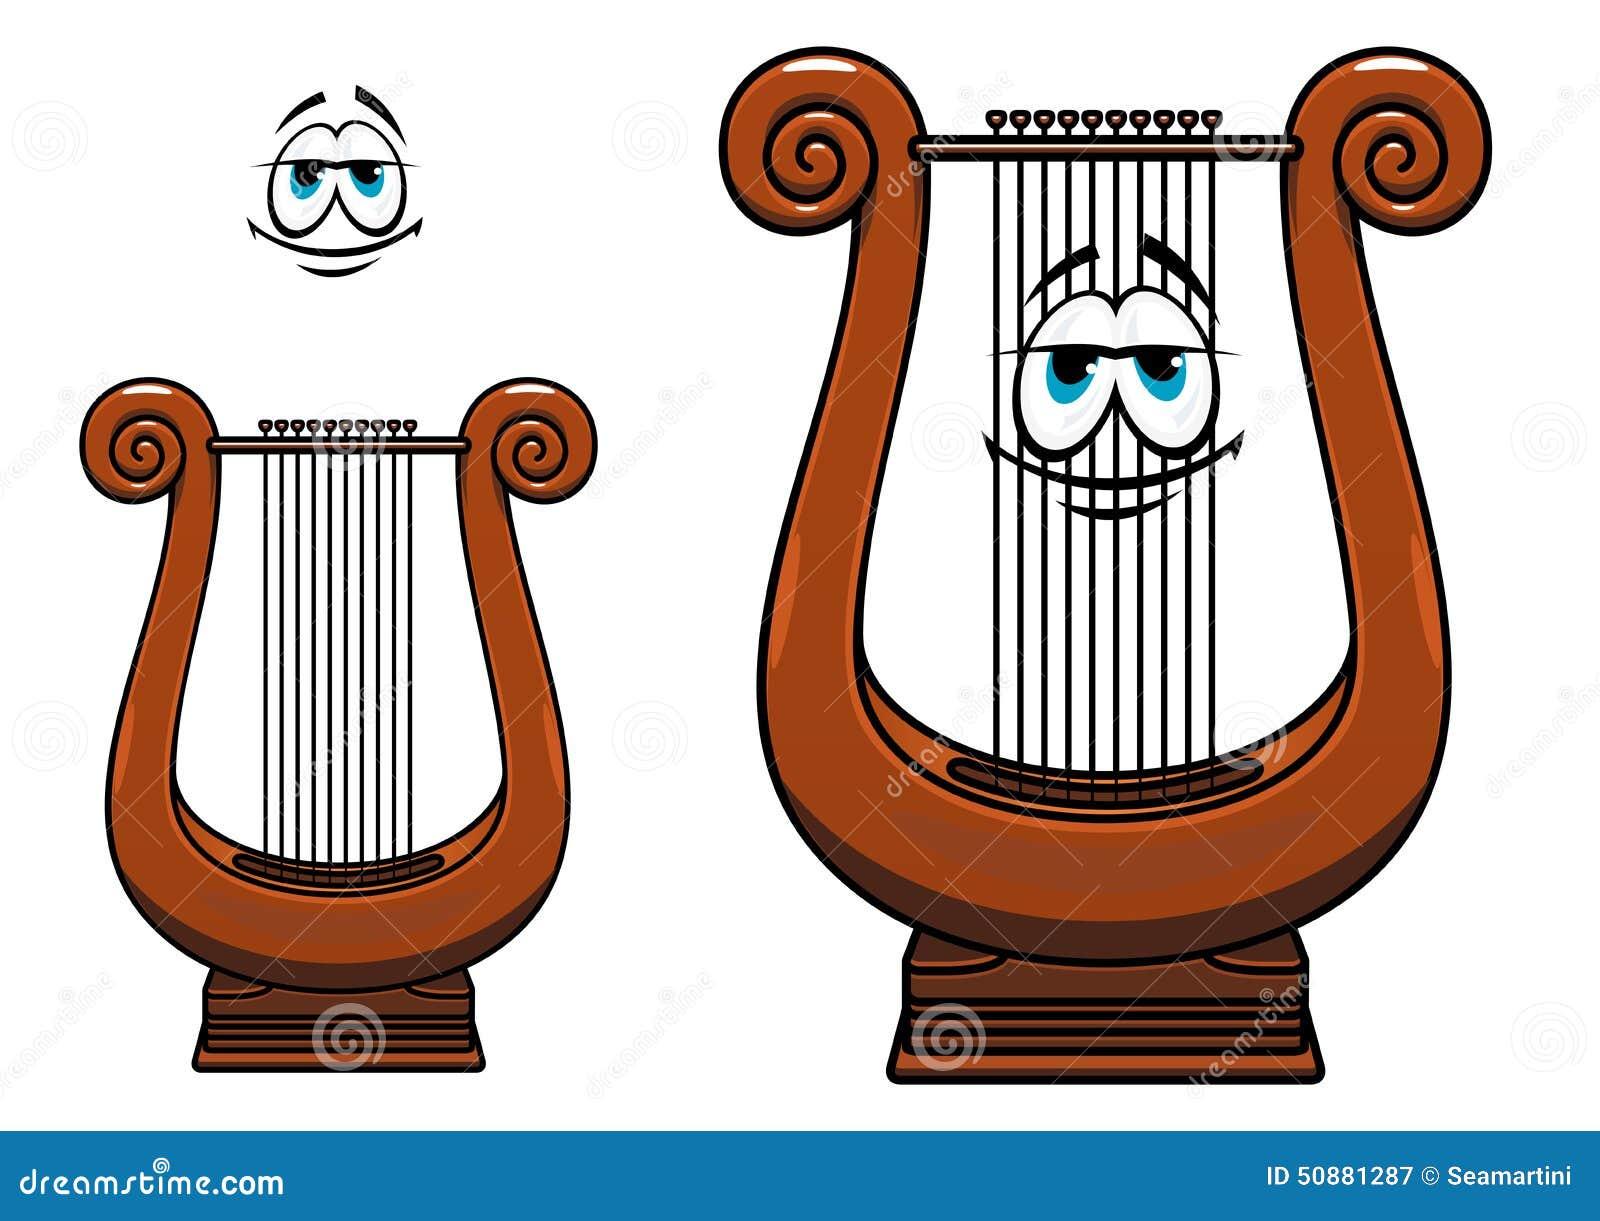 描述有木棕色语科库的微笑的里拉琴漫画人物古希腊串乐器适合于音乐图片